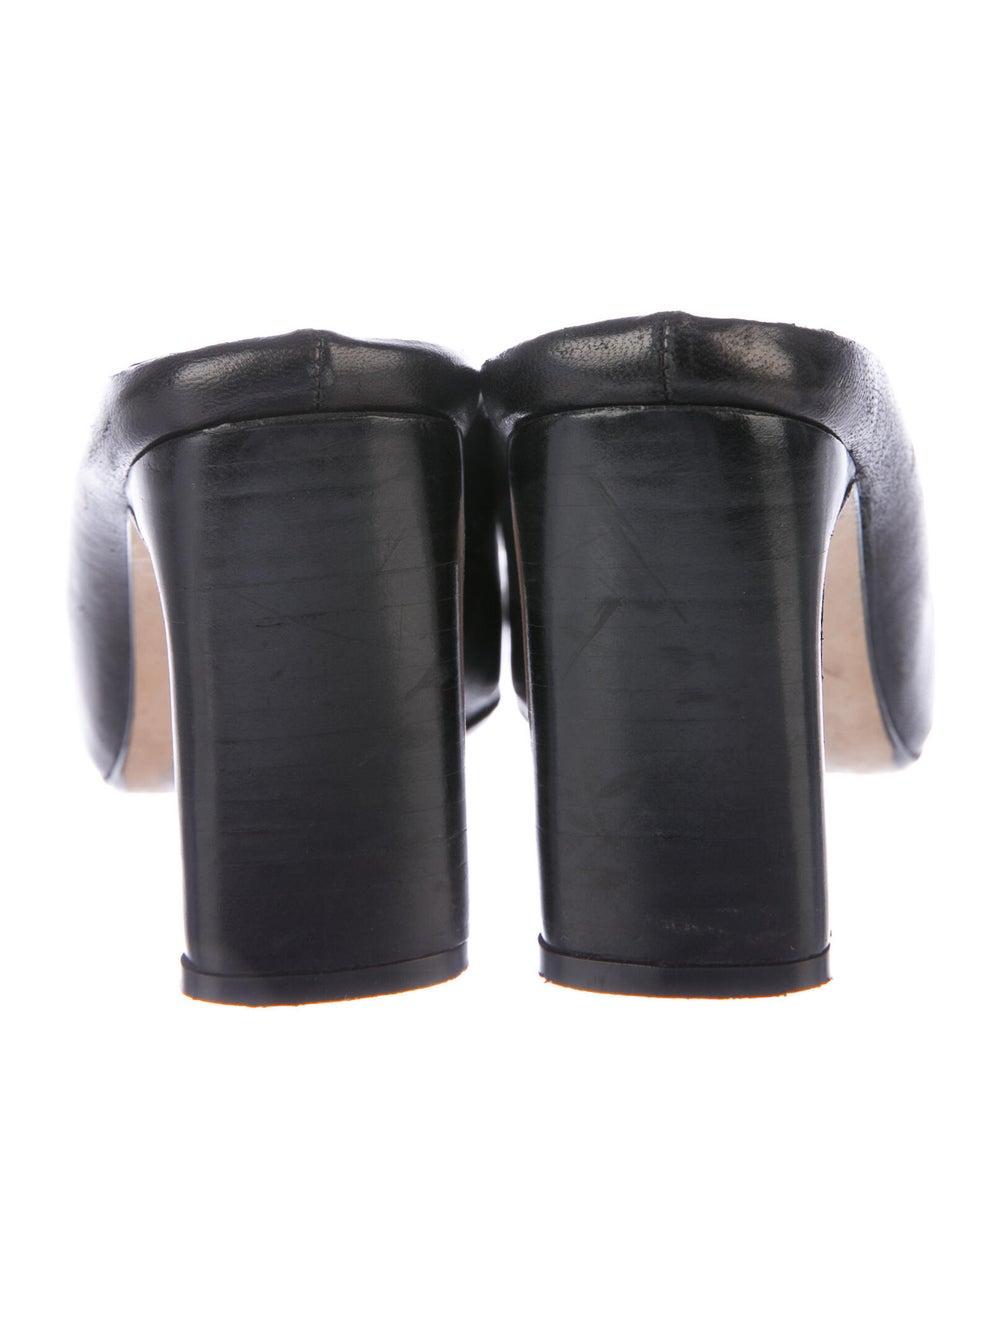 Miista Leather Mules Black - image 4